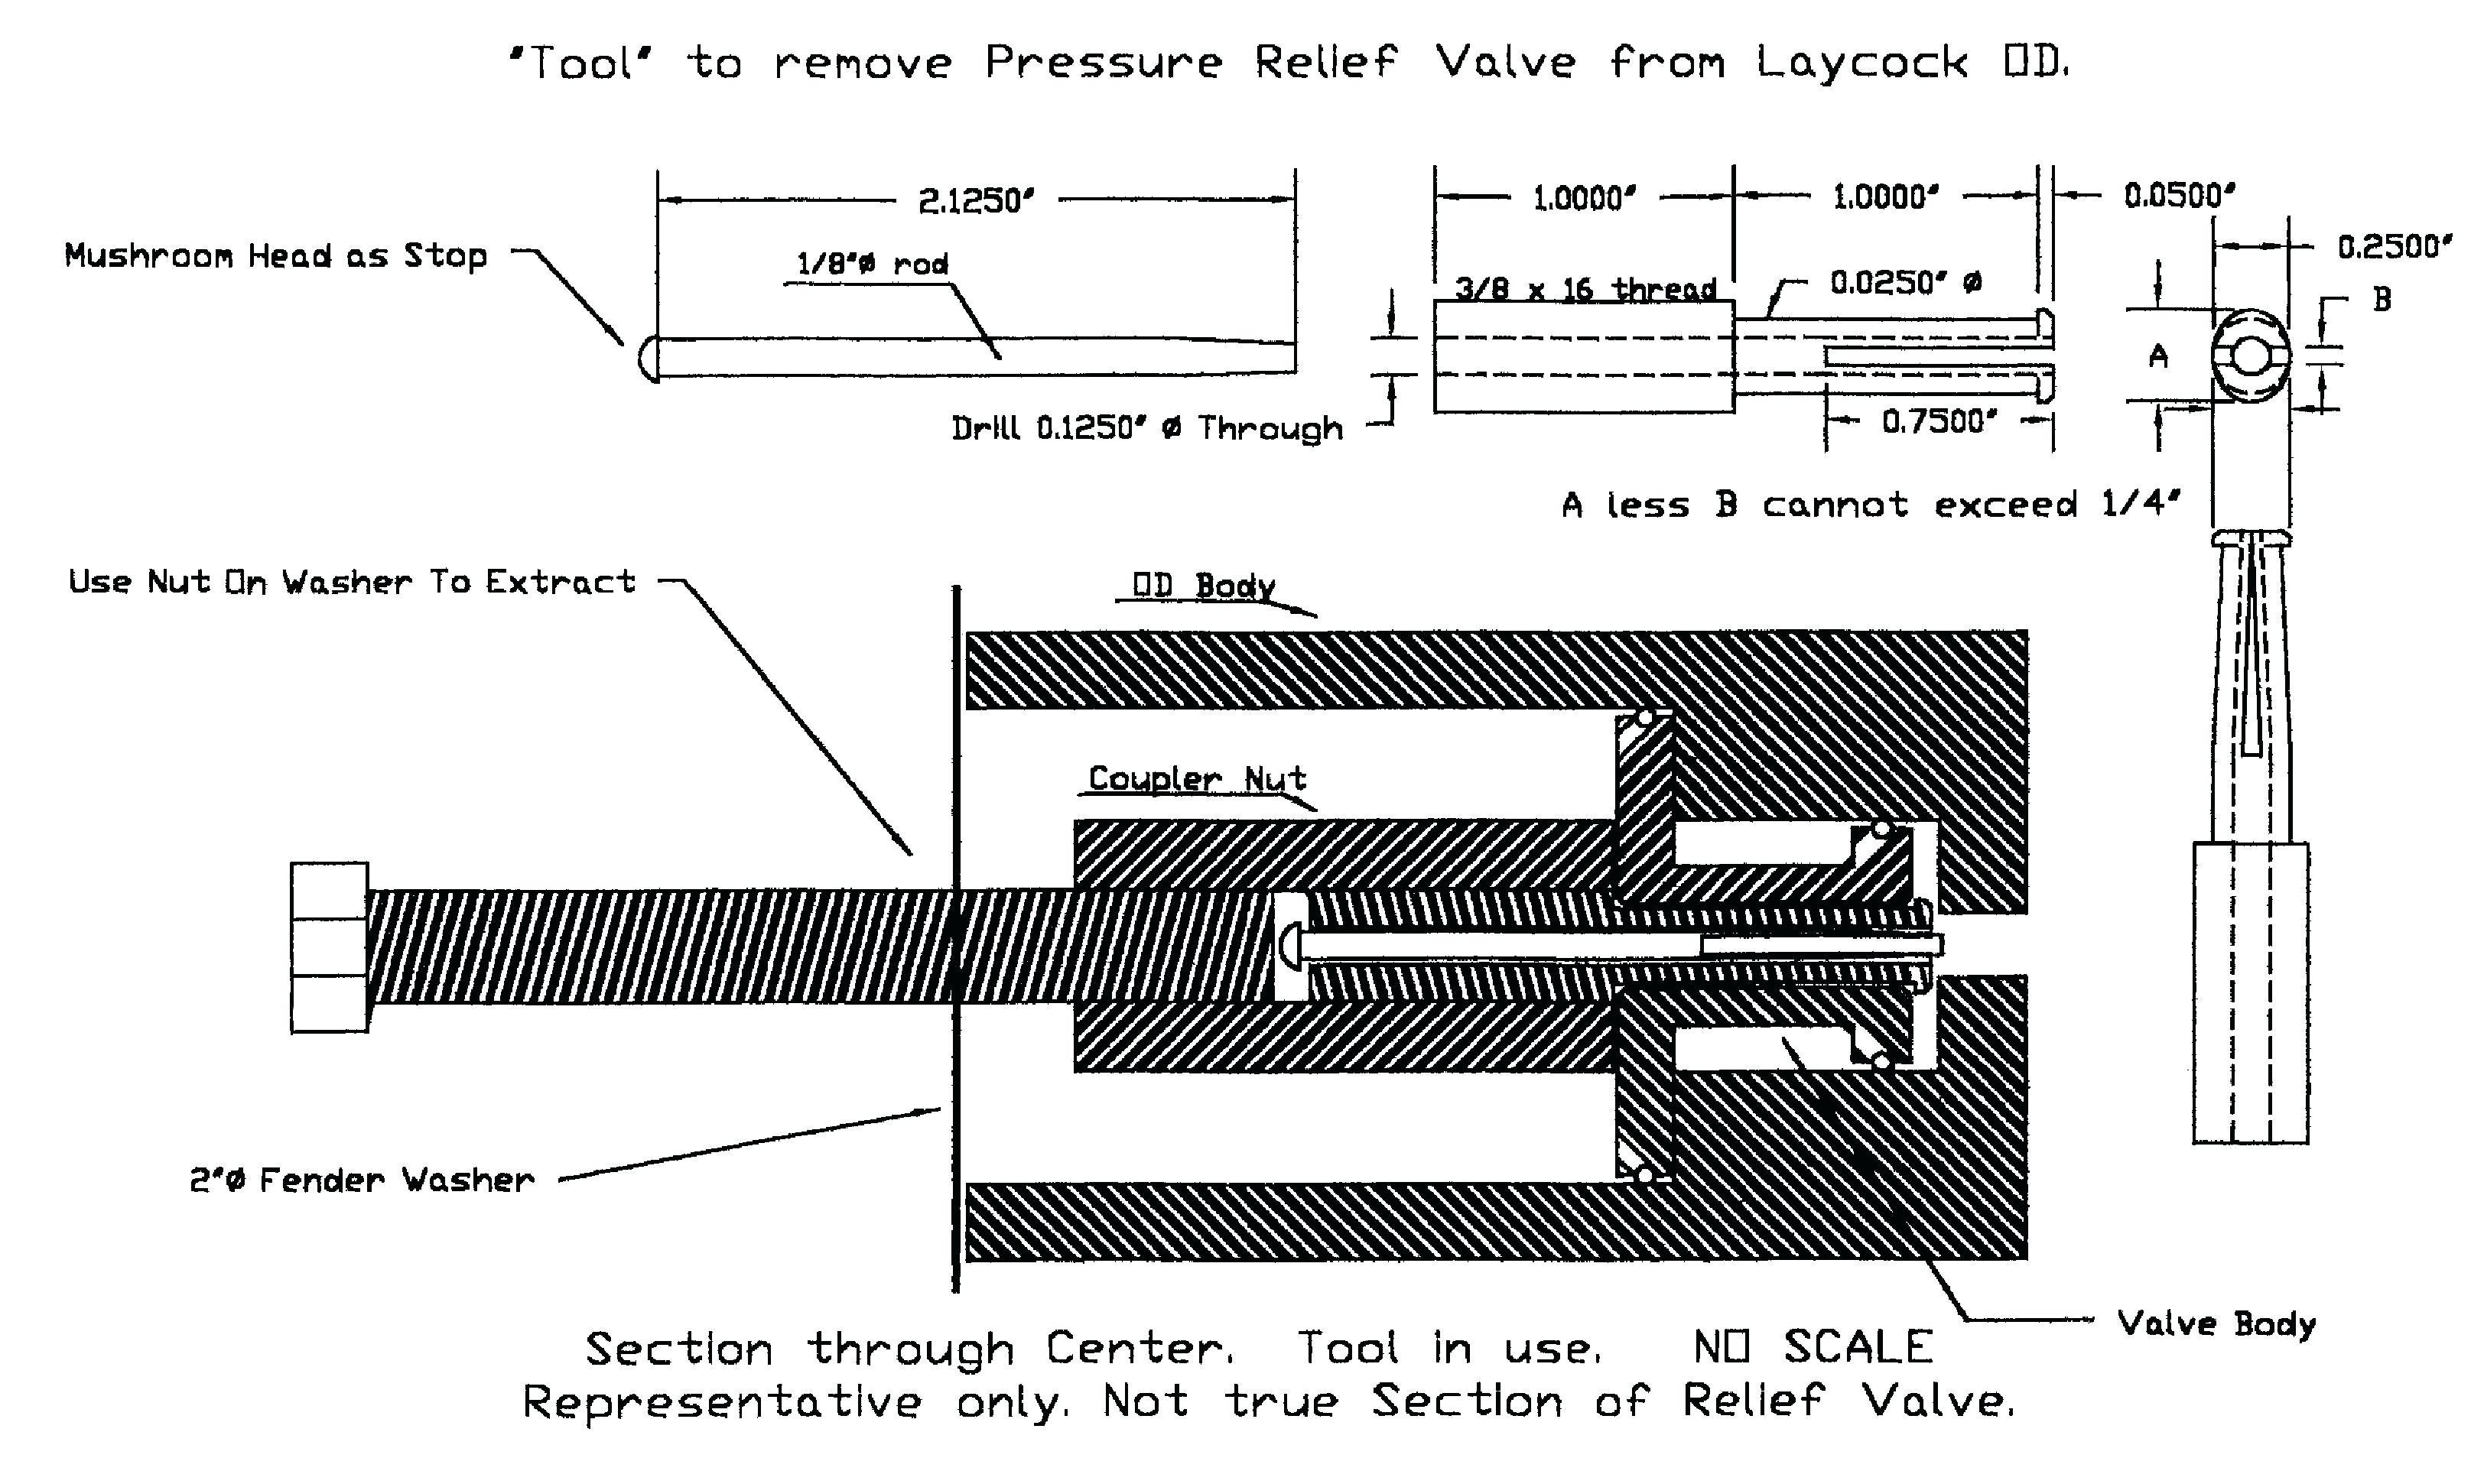 Mercruiser Engine Diagram 350 Mercruiser Engine Belt Pulleys Diagram Electrical Panel Wiring Of Mercruiser Engine Diagram